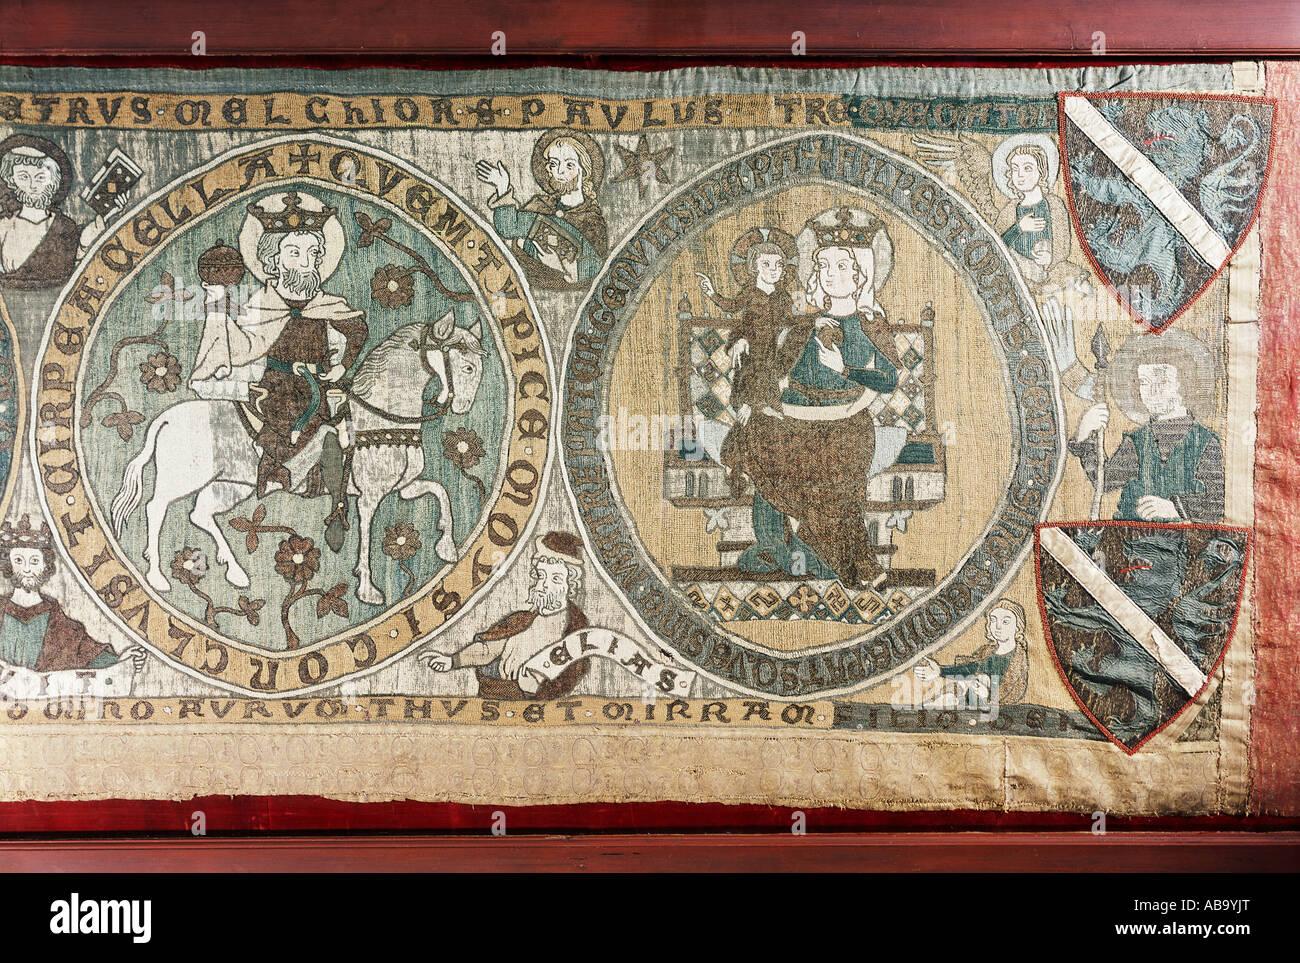 Bellas artes, arte religioso, Jesucristo, la adoración de los magos, bordados, antependia, parte izquierda, bordados, Foto de stock